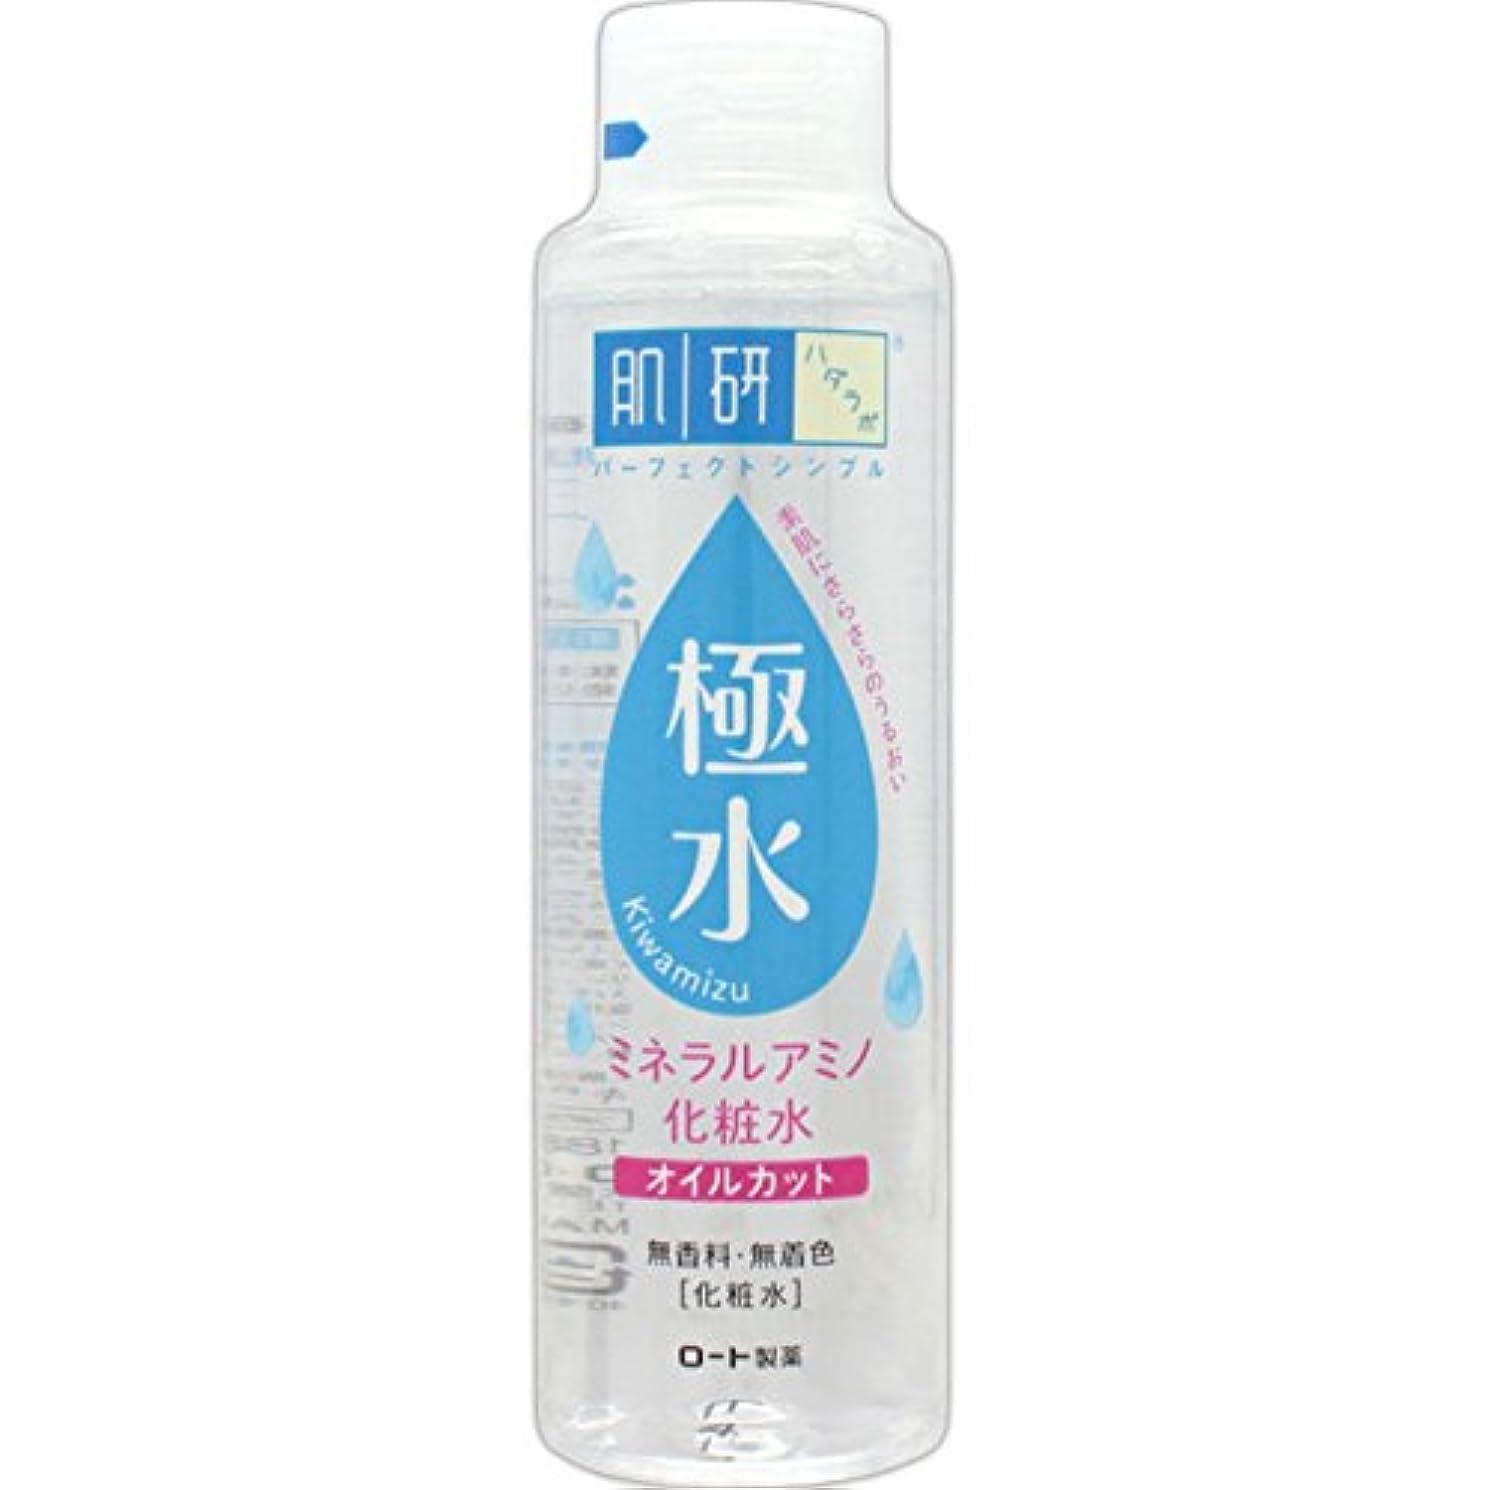 感謝する主流すなわち肌研(ハダラボ) 極水 ミネラルアミノ化粧水 180mL